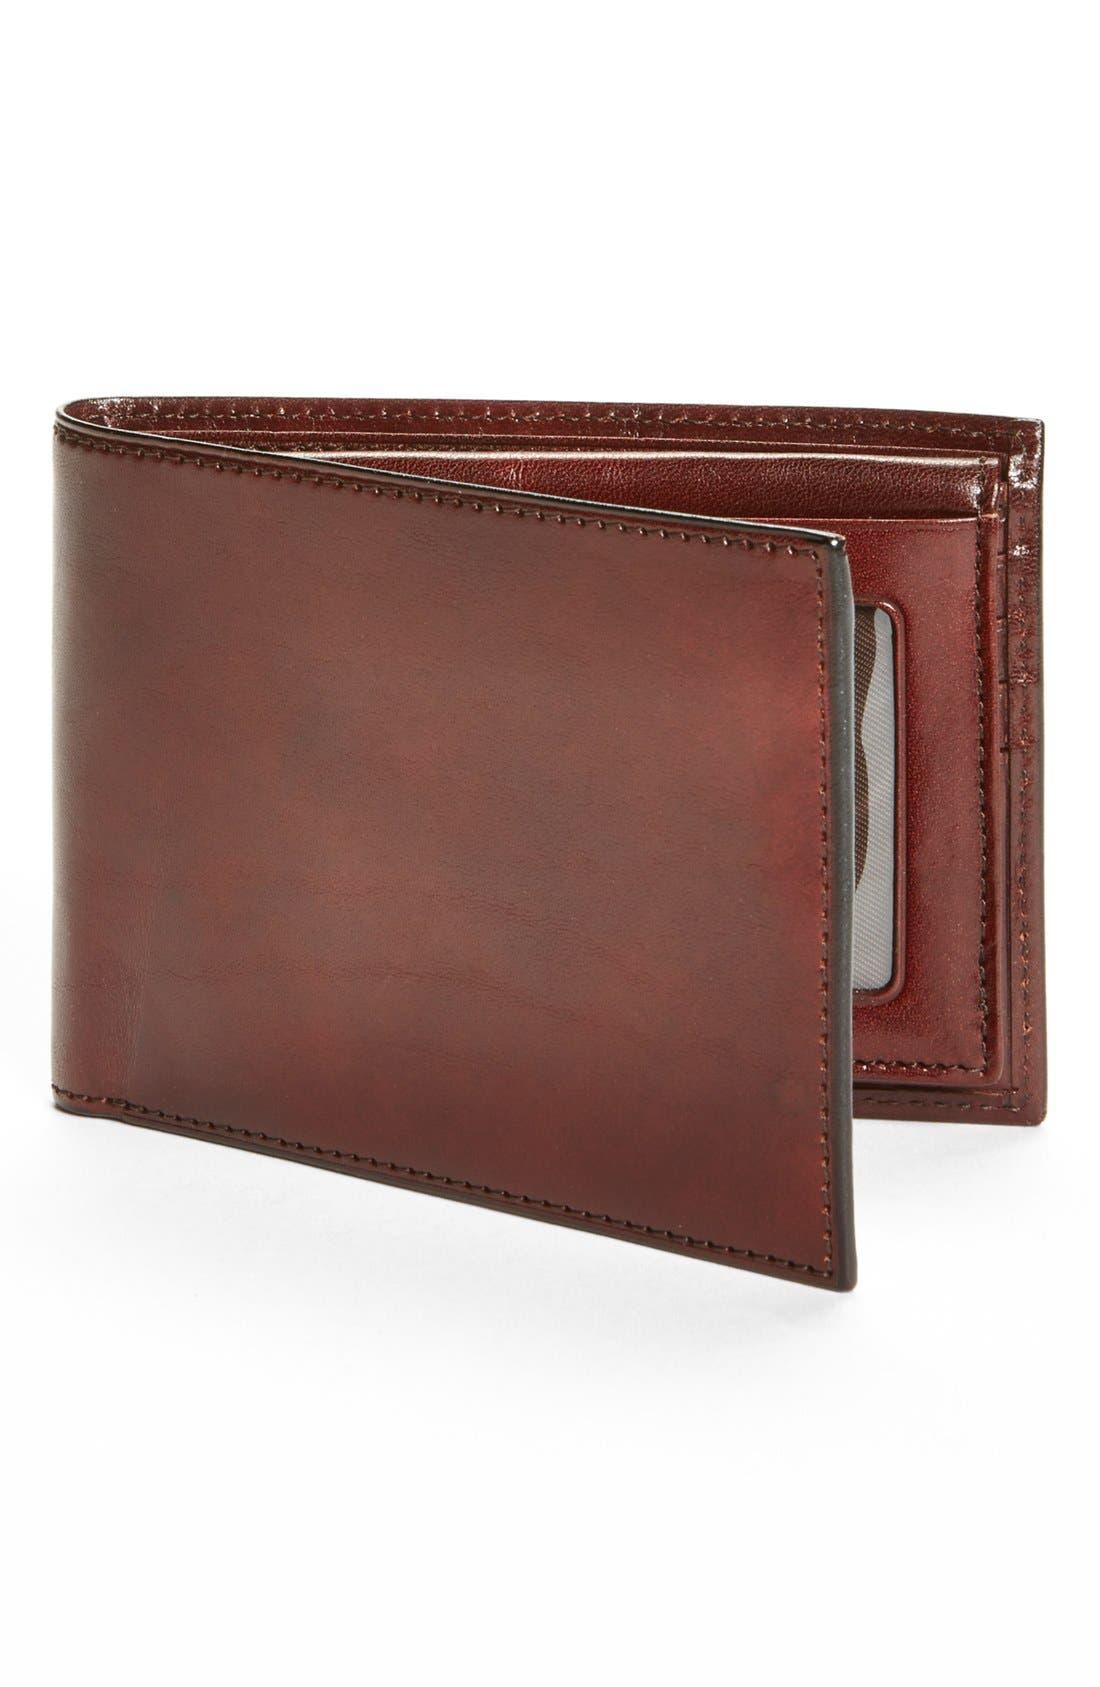 BOSCA ID Passcase Wallet, Main, color, BROWN